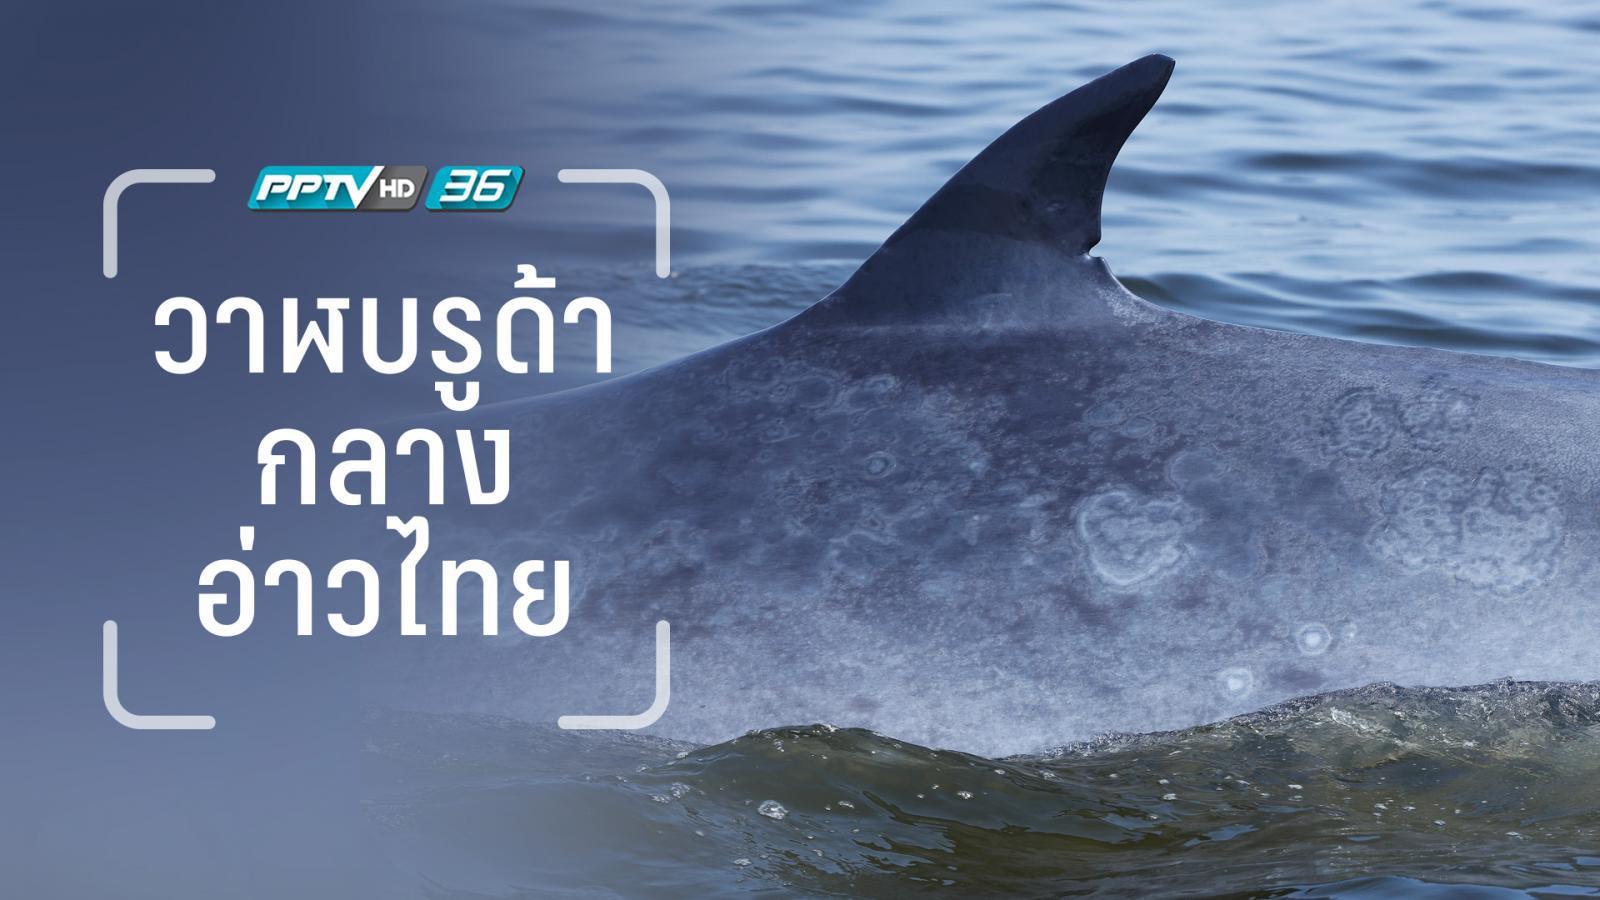 """ไม่ต้องออกทะเลไปไกล สะพายมิลเลอร์เลสไปอ่าวไทยก็เจอ """"วาฬบรูด้า"""""""